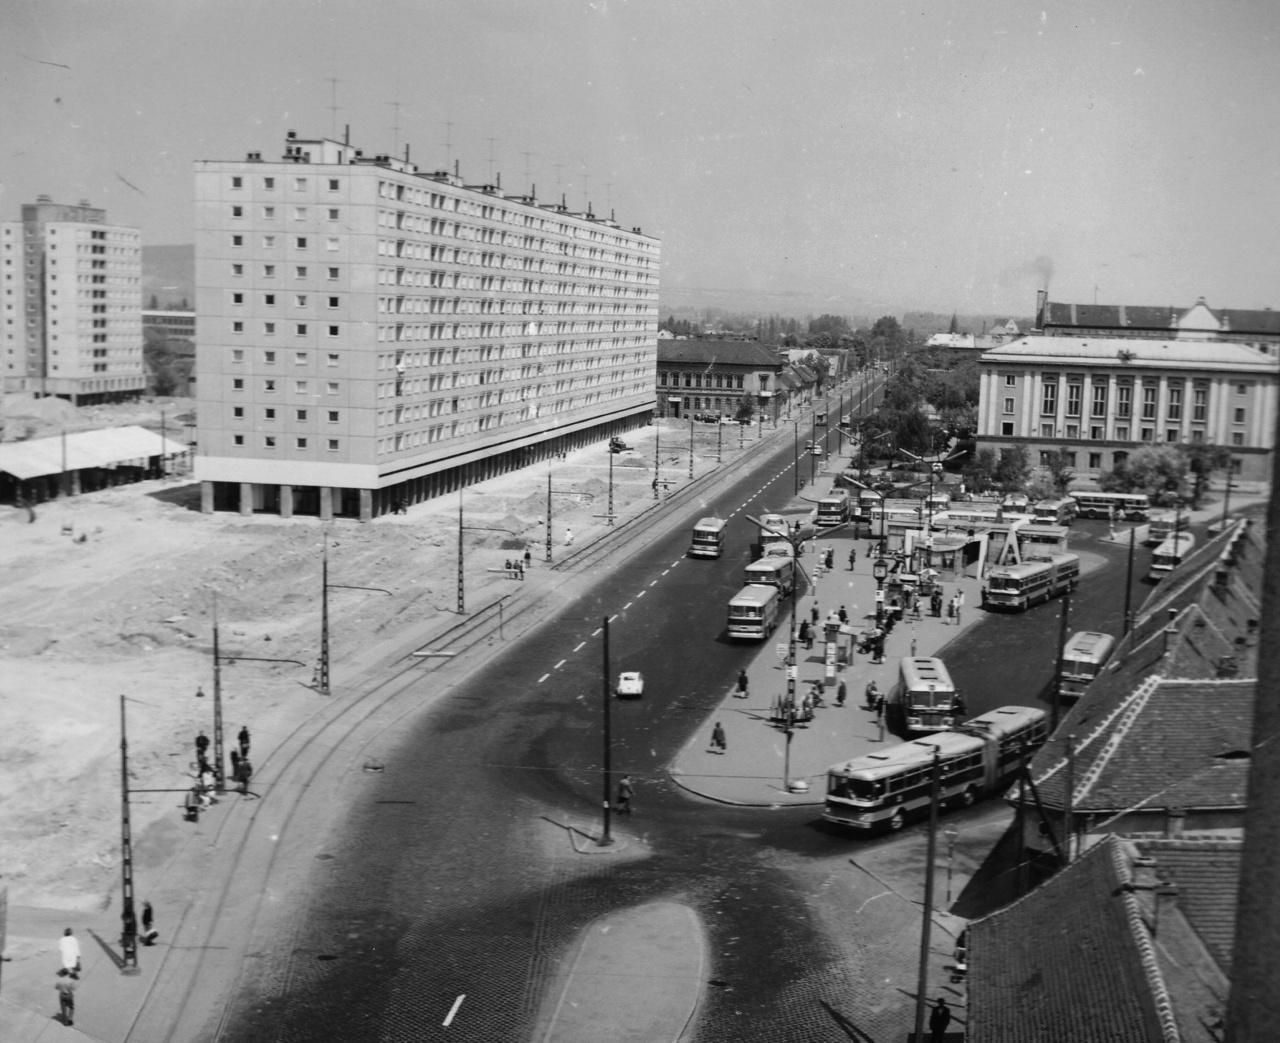 Épül a távfűtéssel tervezett lakótelep Óbudán, a Flórián tér körül. Mellette a  Miklós utcai autóbusz végállomás, amelynek a helyén ma egy park található.